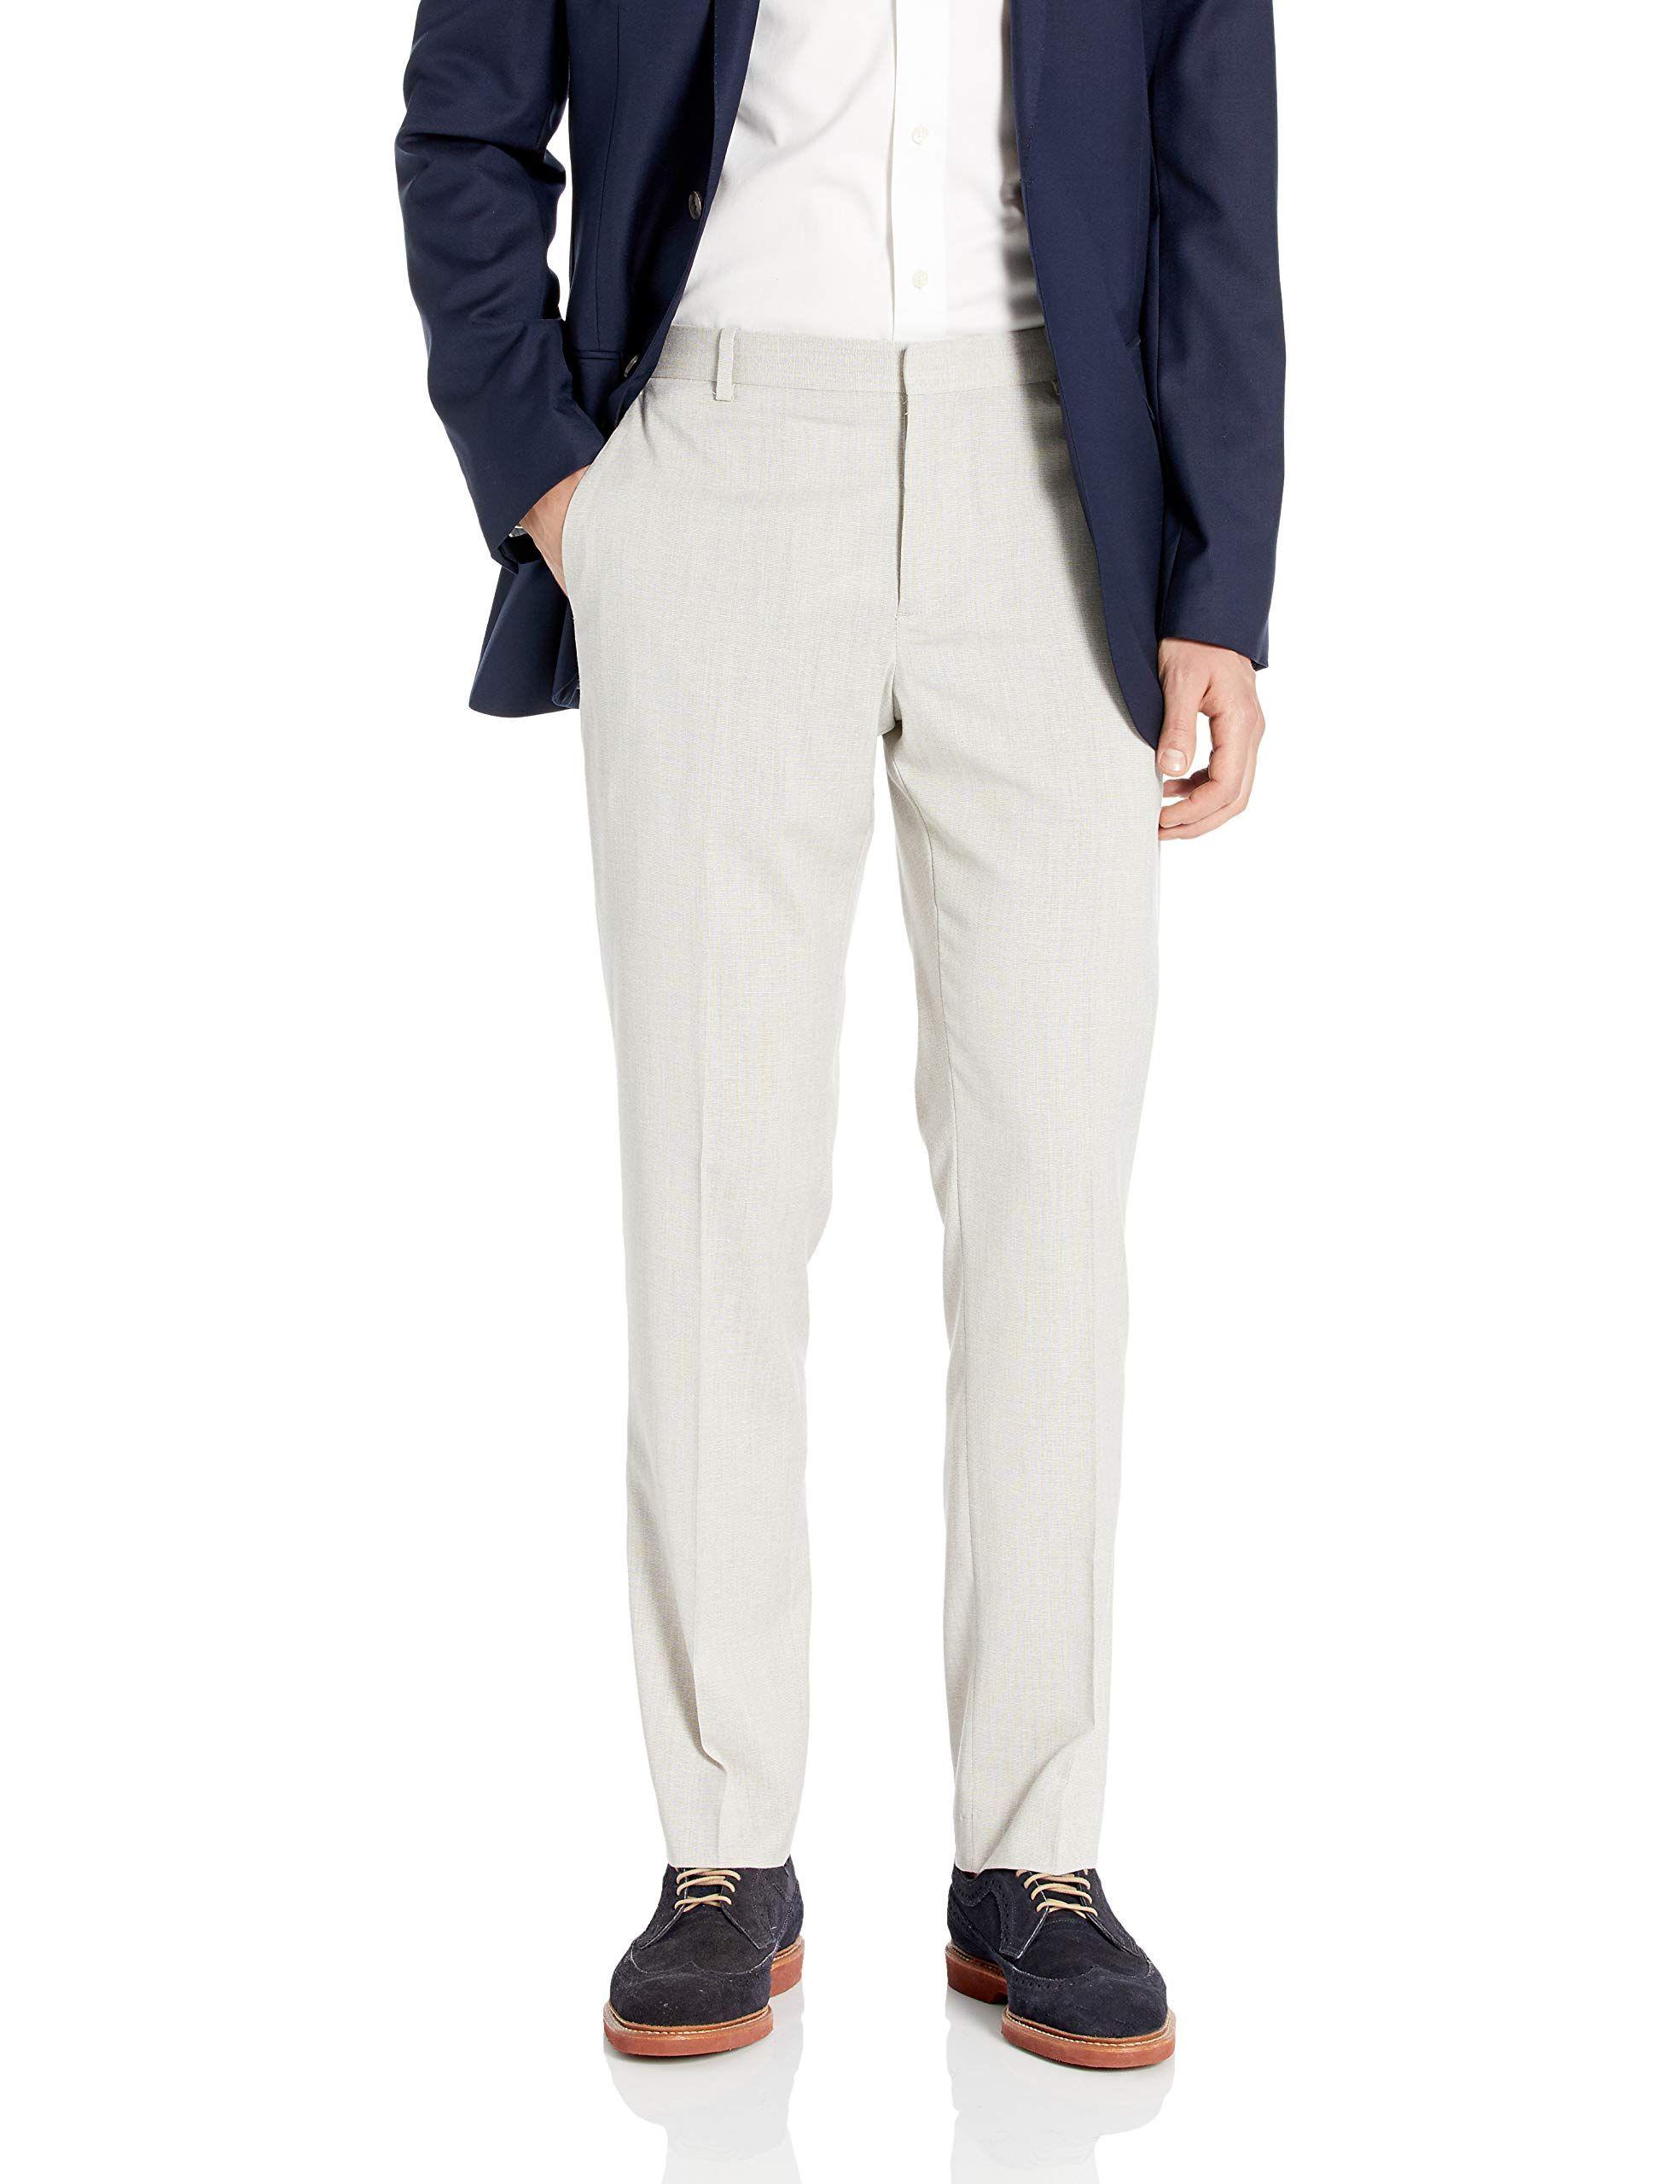 Perry Ellis Men S Slim Fit Stretch End Dress Pant En 2020 Pantalones Para Hombre